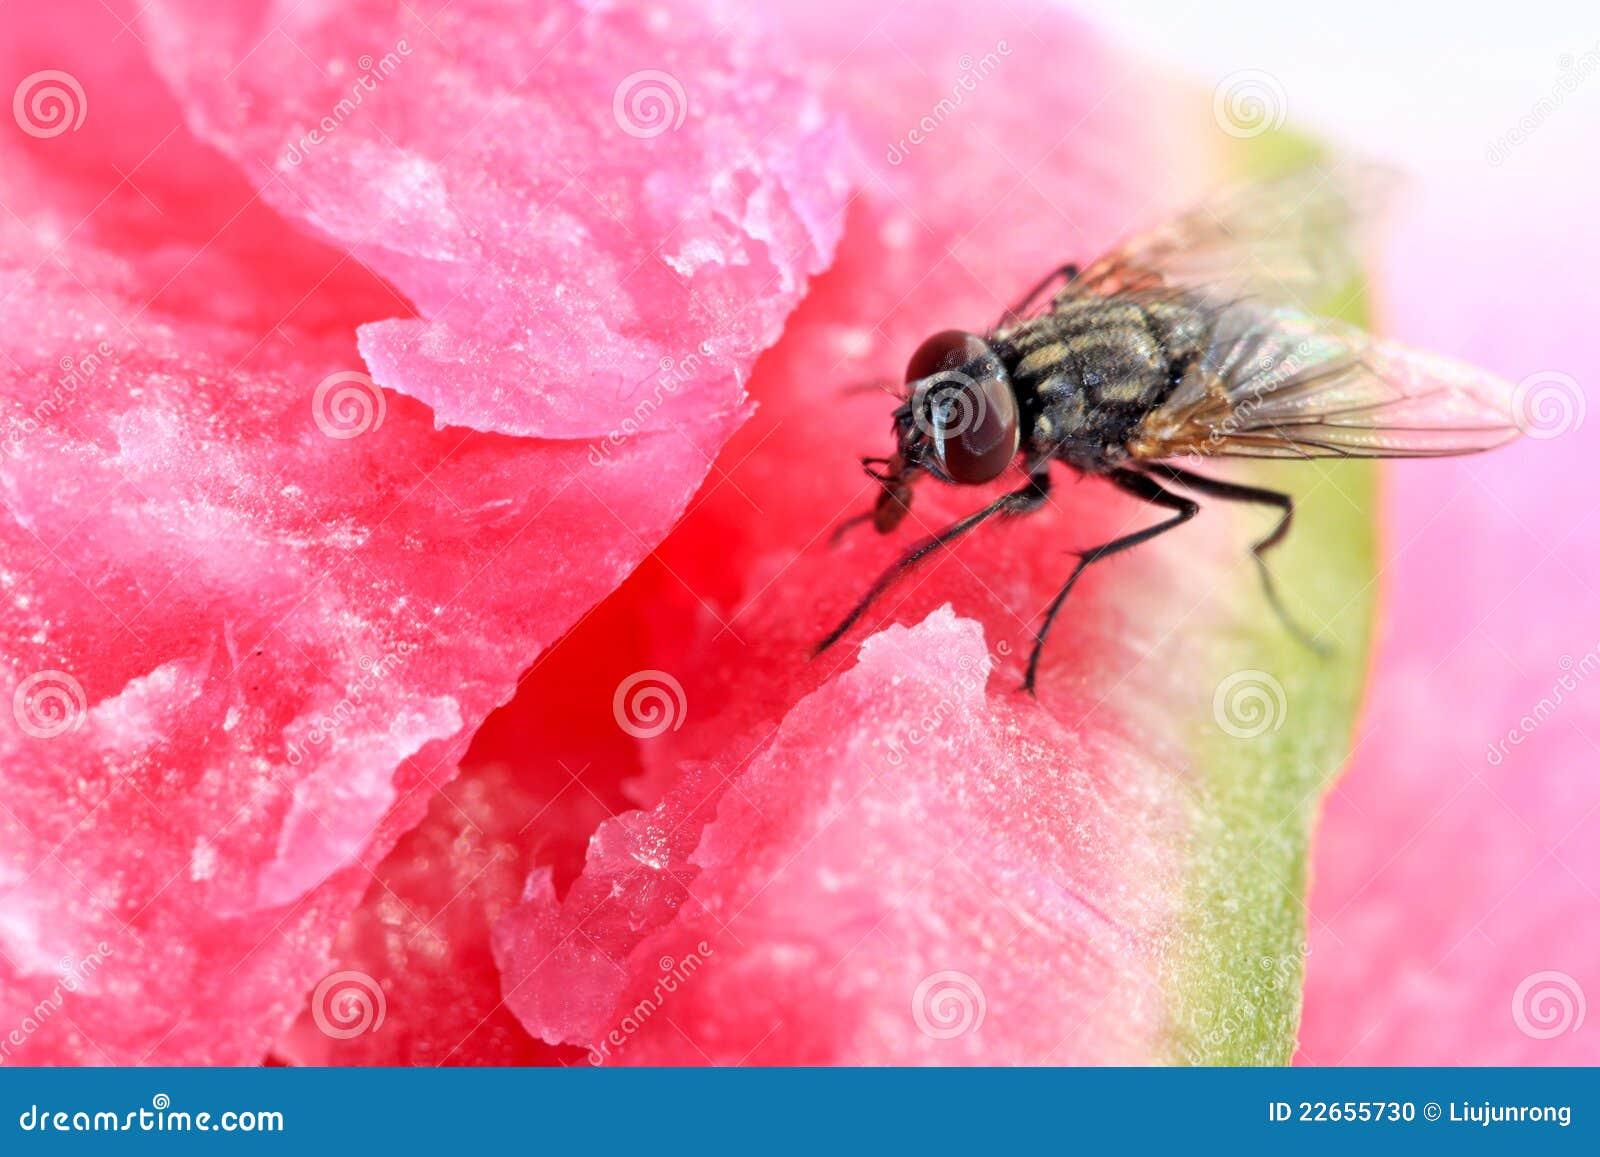 Nahaufnahme der Fliegen